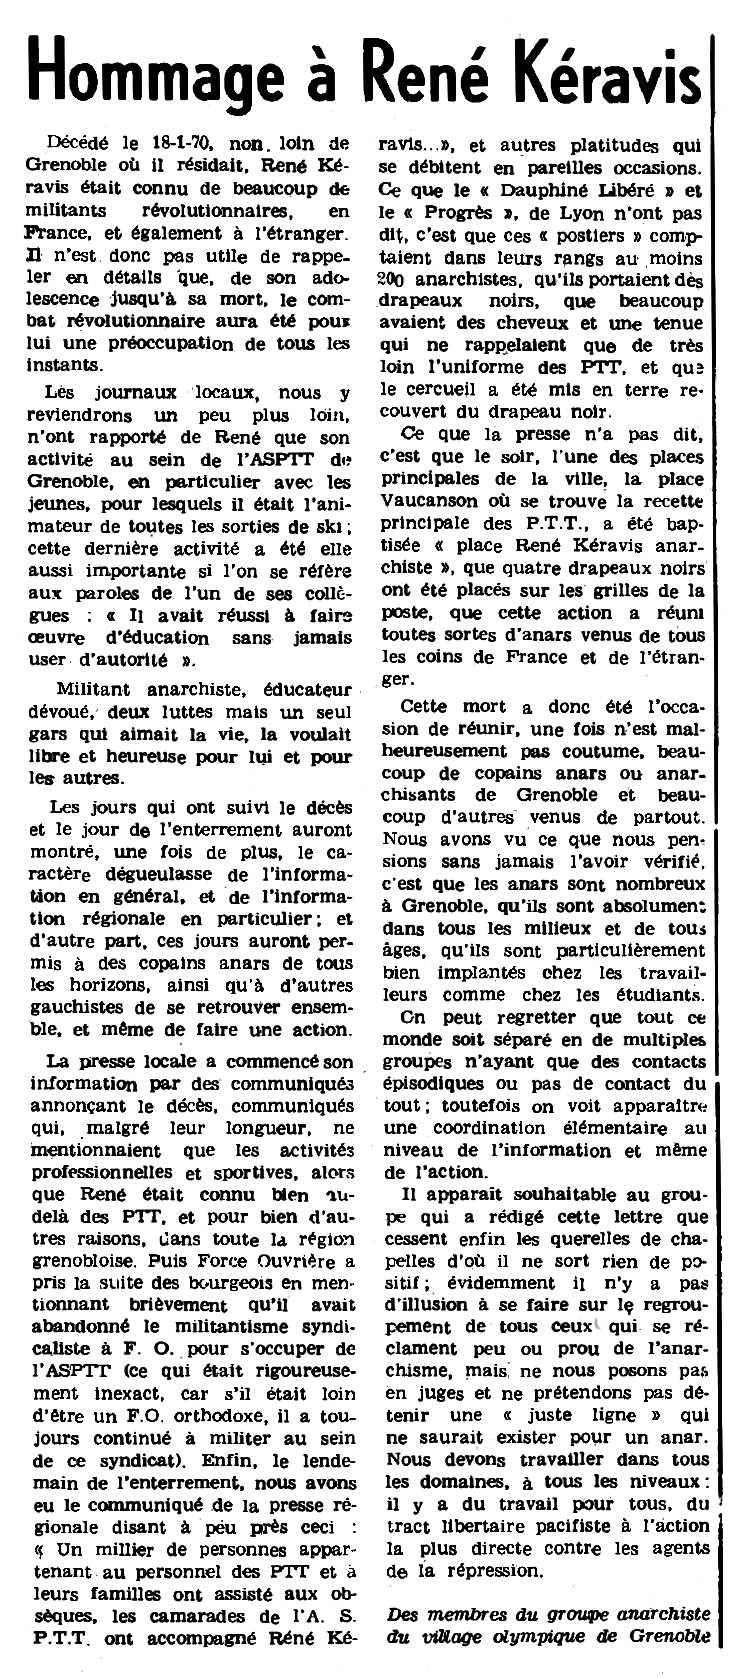 """Necrològica de René Keravis apareguda en el periòdic parisenc """"Le Combat Syndicaliste"""" del 5 de març de 1970"""